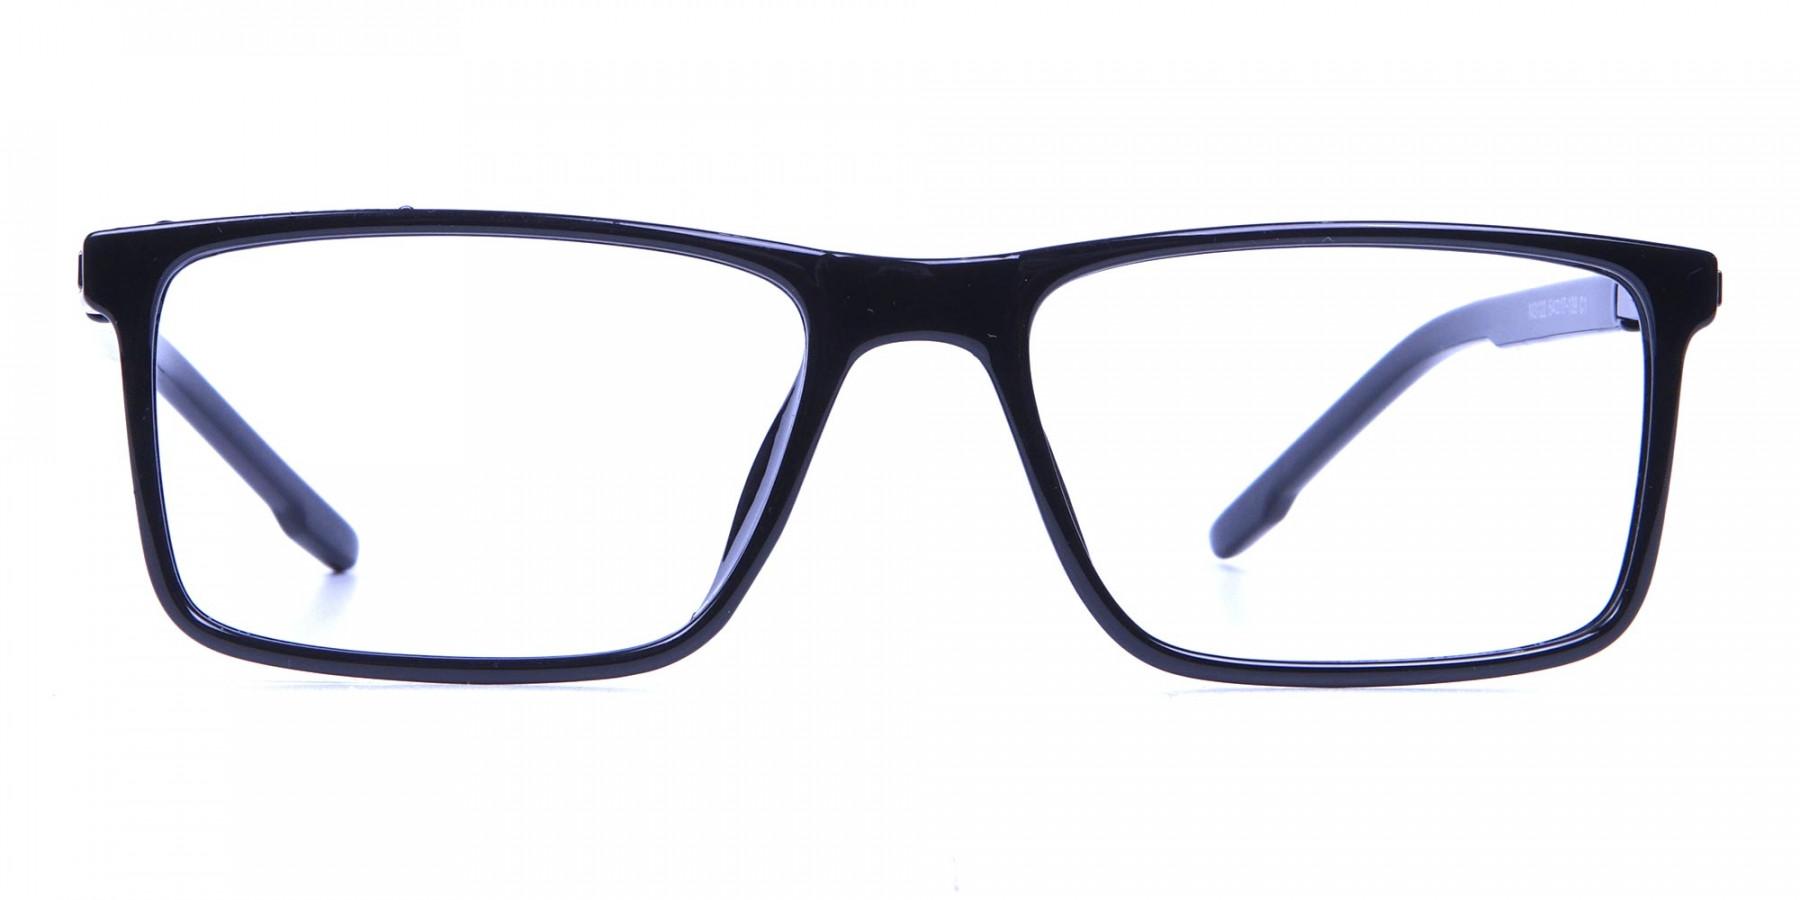 Handmade Black Glasses